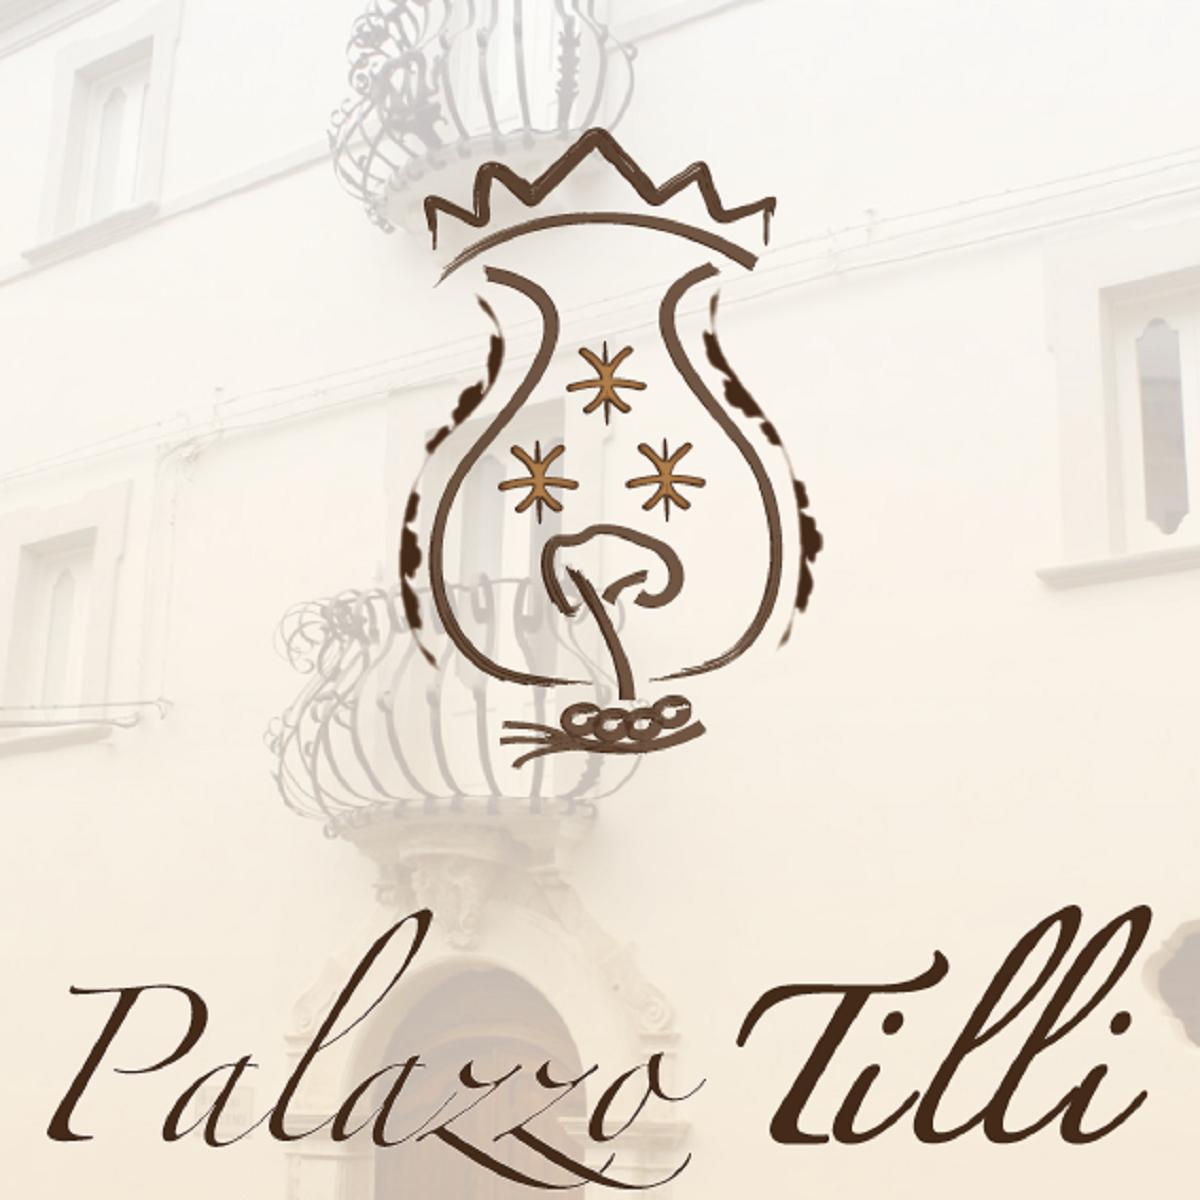 Primo evento rassegna Sere d'Estate a Palazzo Tilli foto